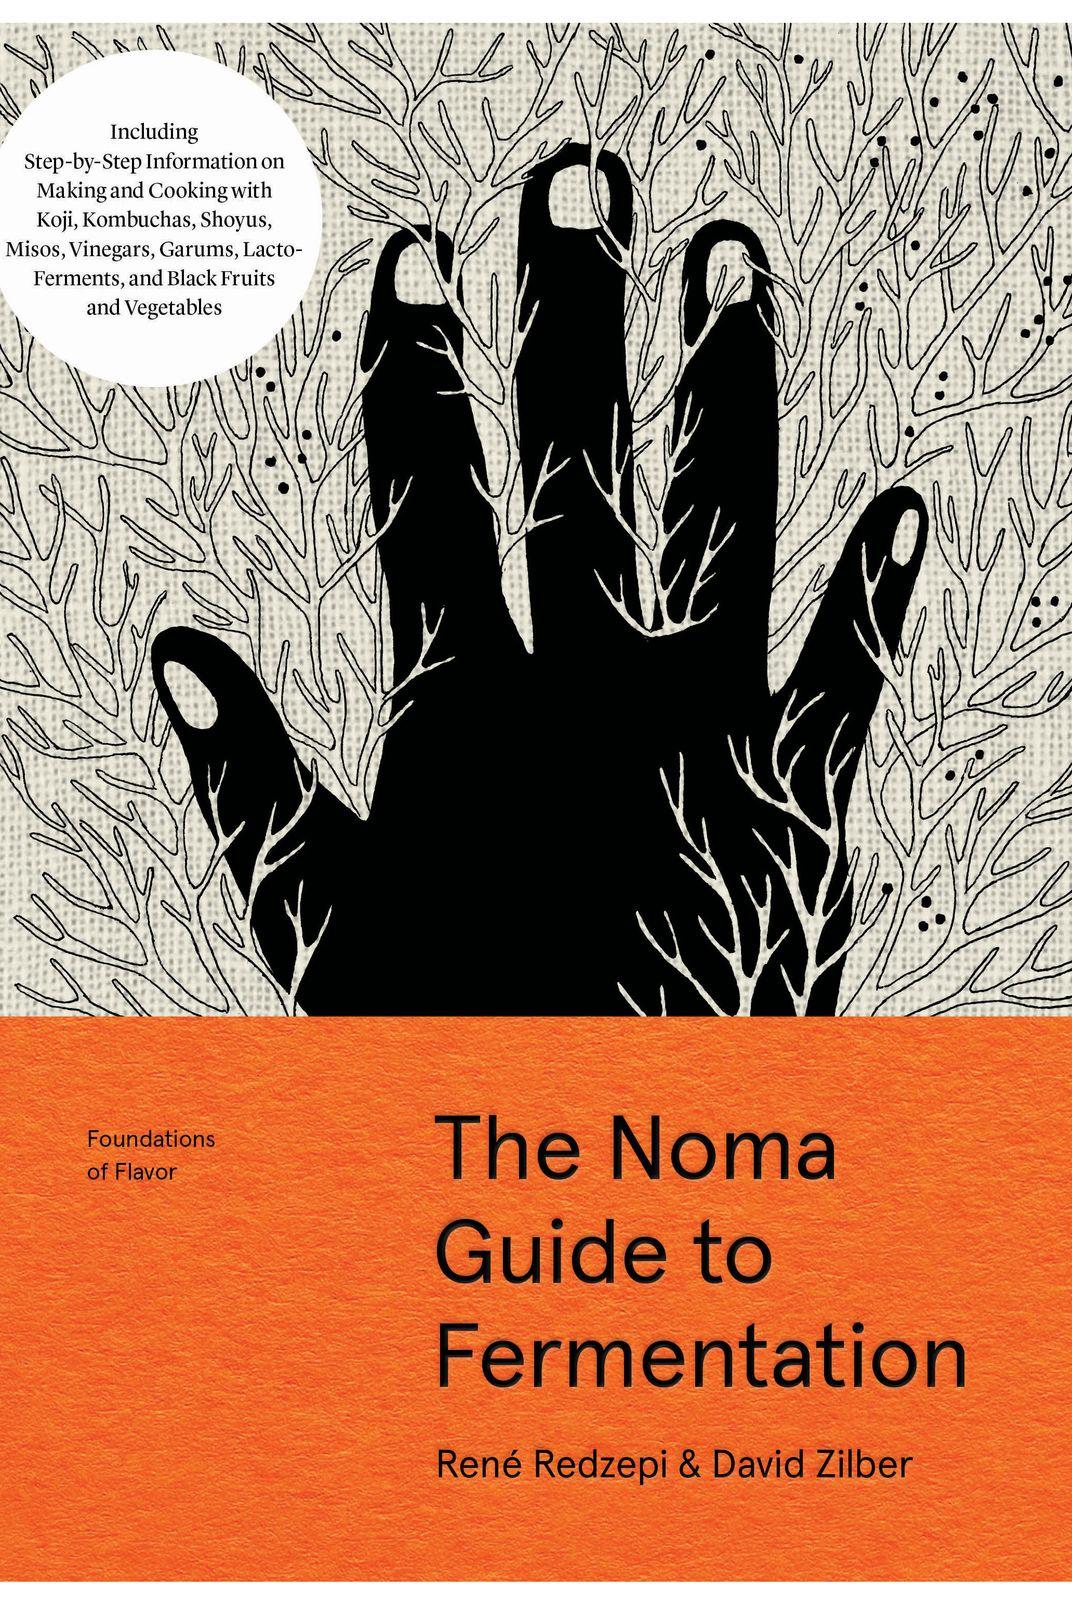 5. <em>The Noma Guide to Fermentation</em>, by René Redzepi and David Zilber